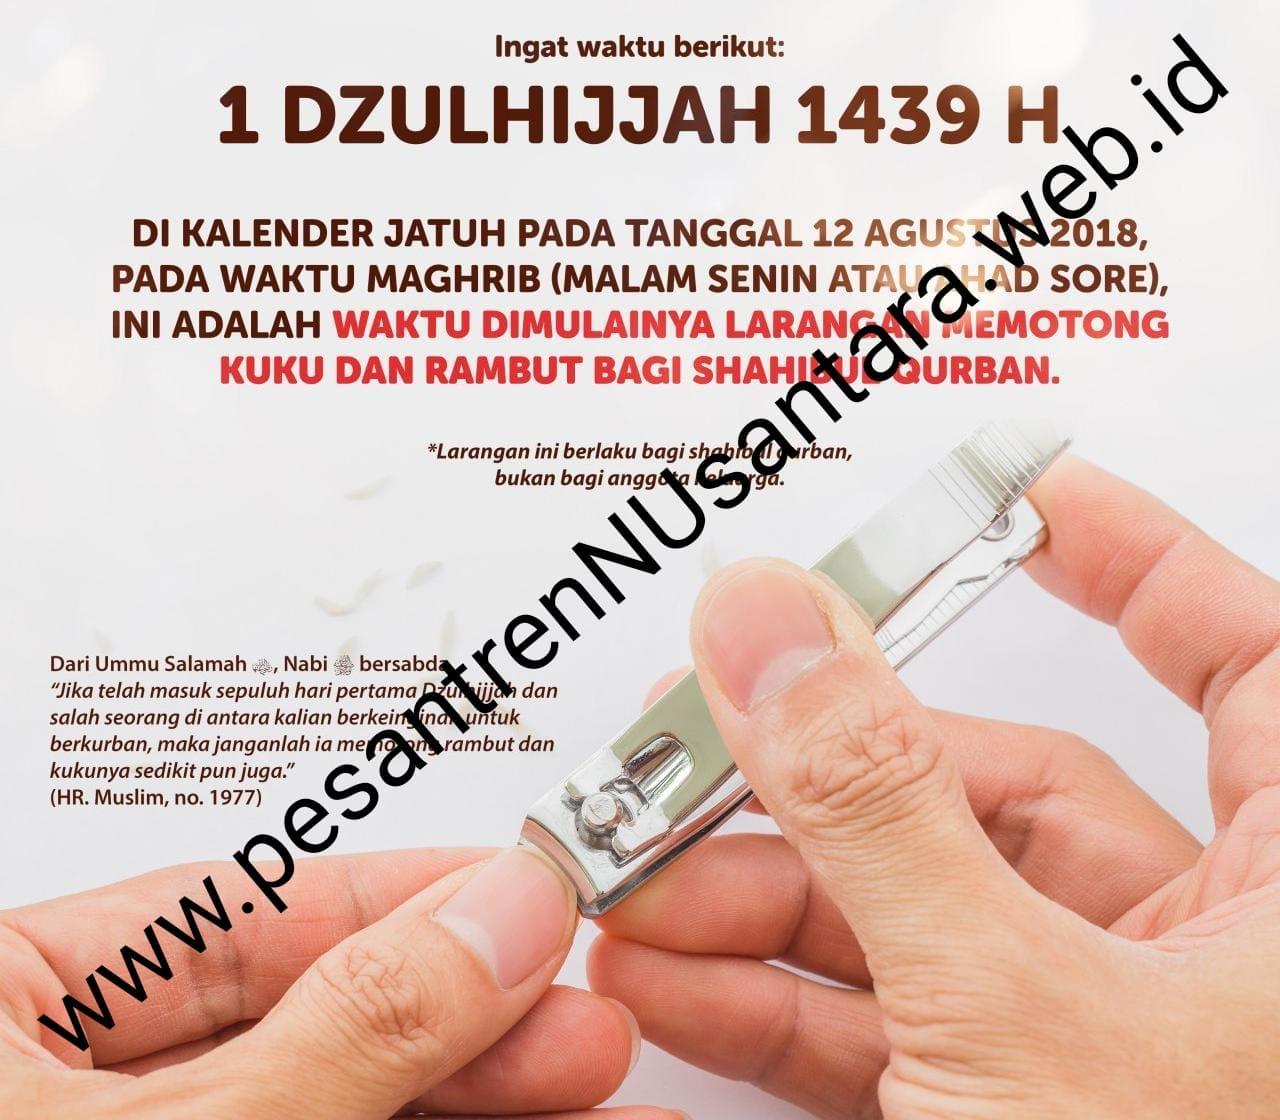 Hukum dan hikmah larangan memotong kuku bagi mudhohhi - Pesantren ... cee8833143